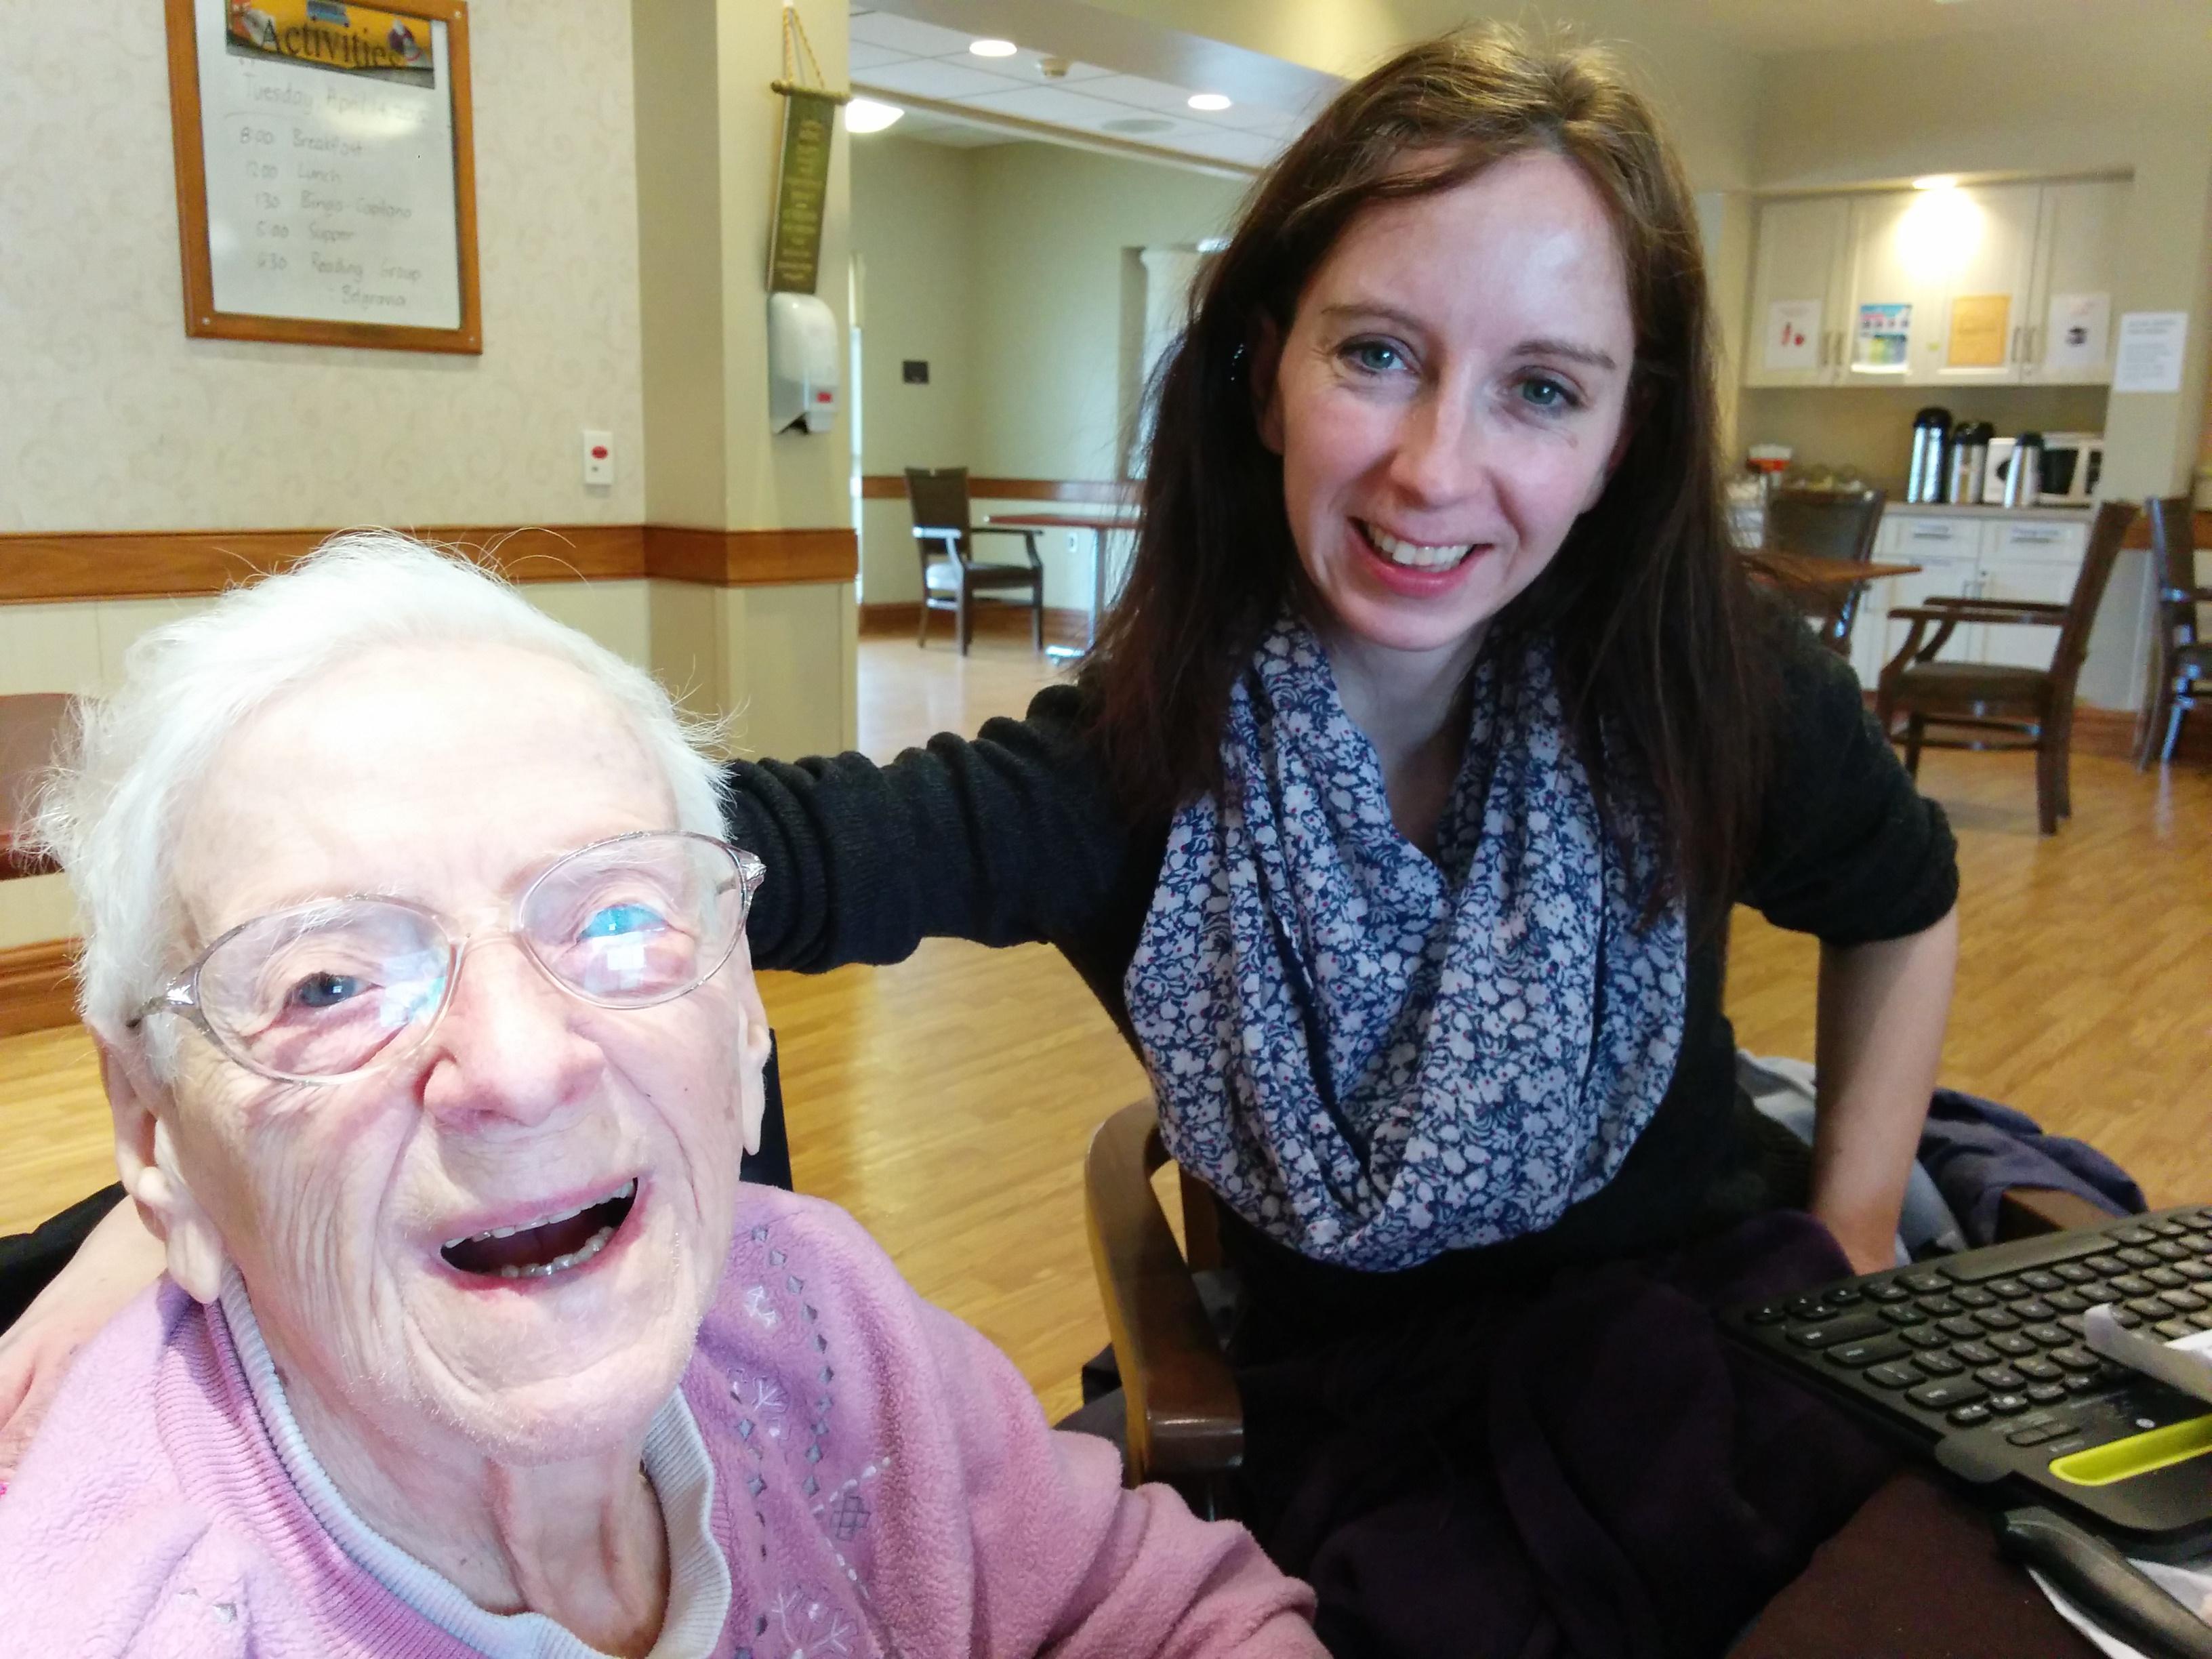 grandma and grand daughter